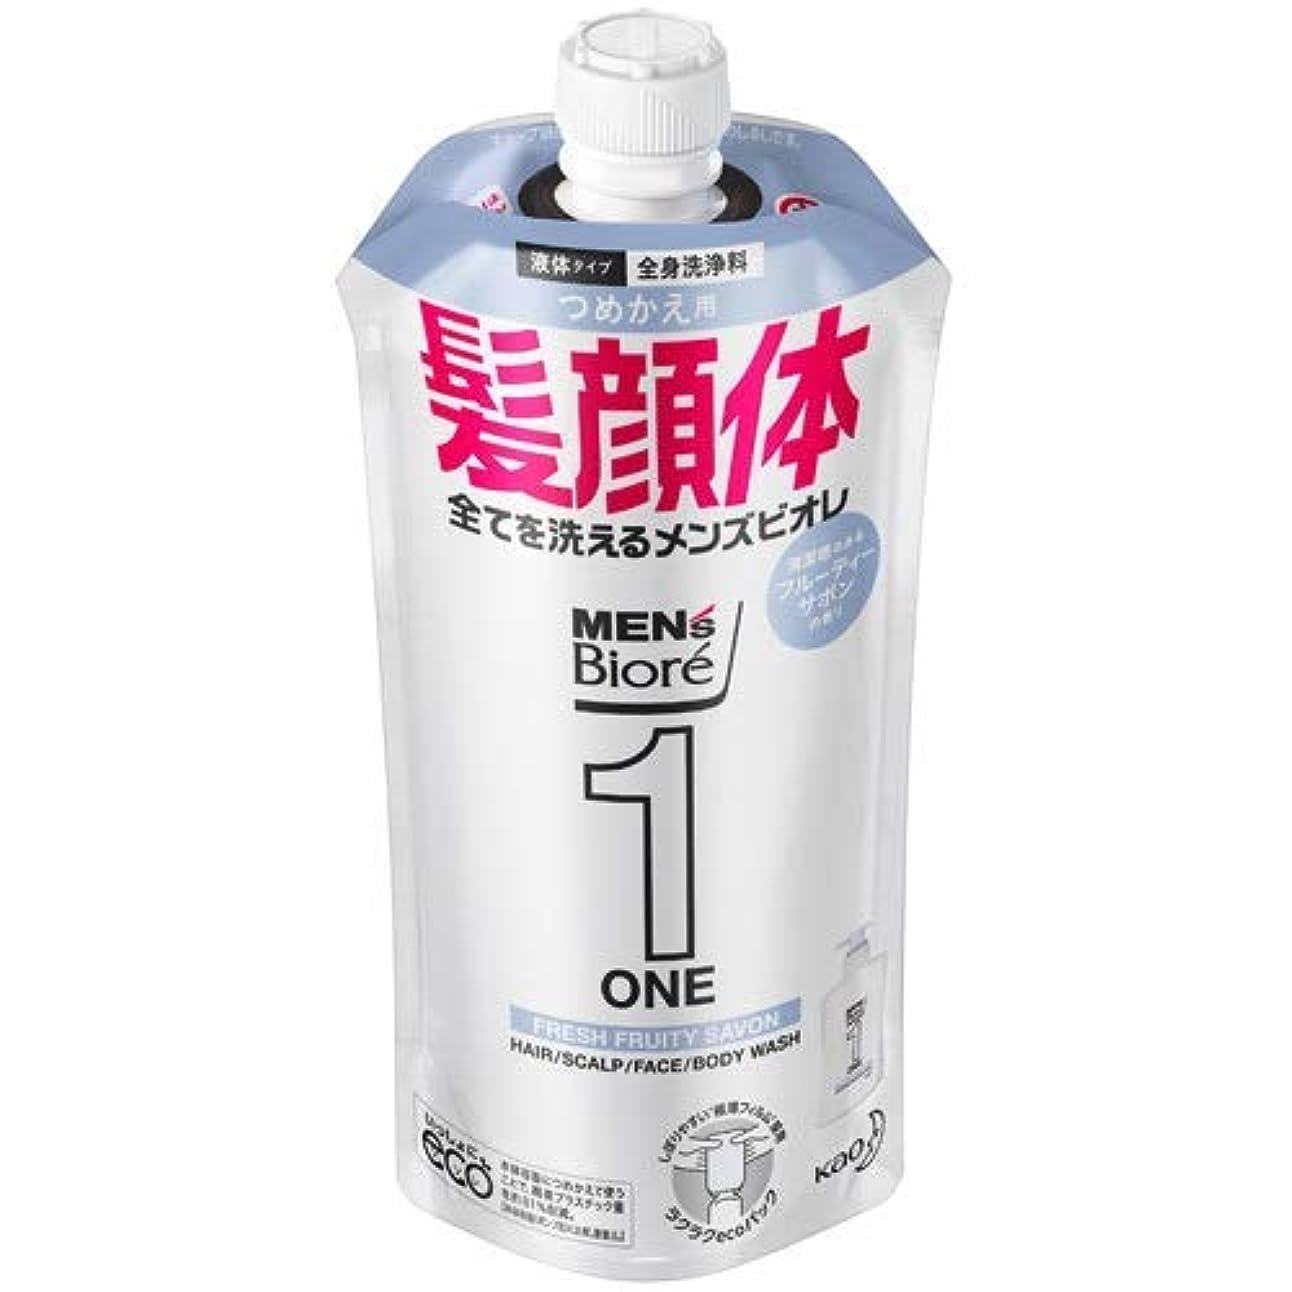 急襲顔料チャット【10個セット】メンズビオレONE オールインワン全身洗浄料 清潔感のあるフルーティーサボンの香り つめかえ用 340mL